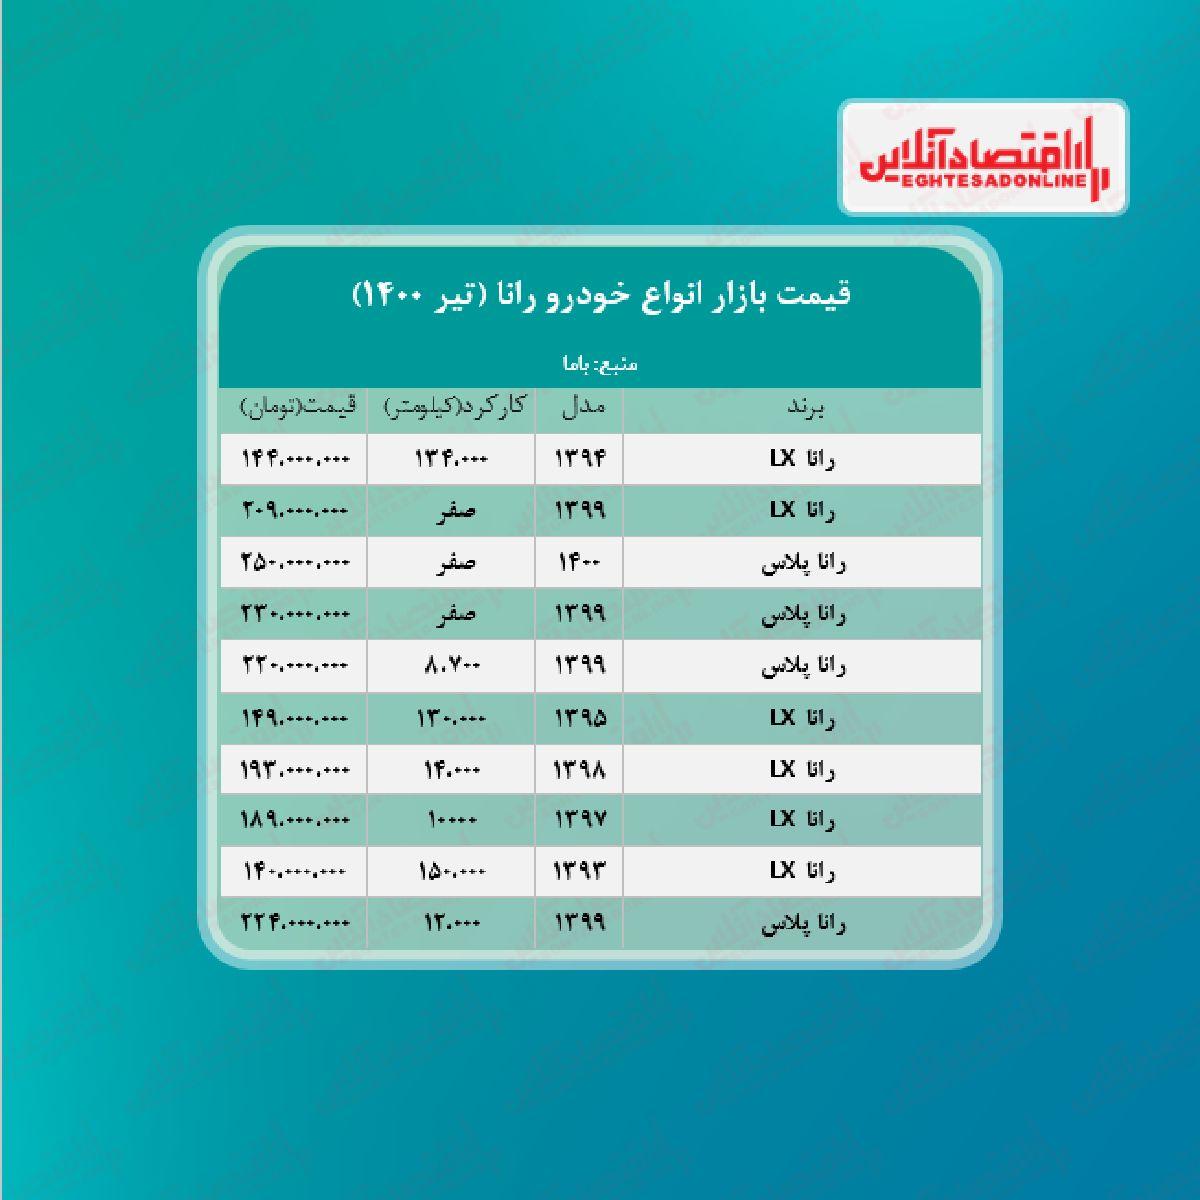 رانا به مرز ۲۰۹ میلیون تومان رسید + جدول